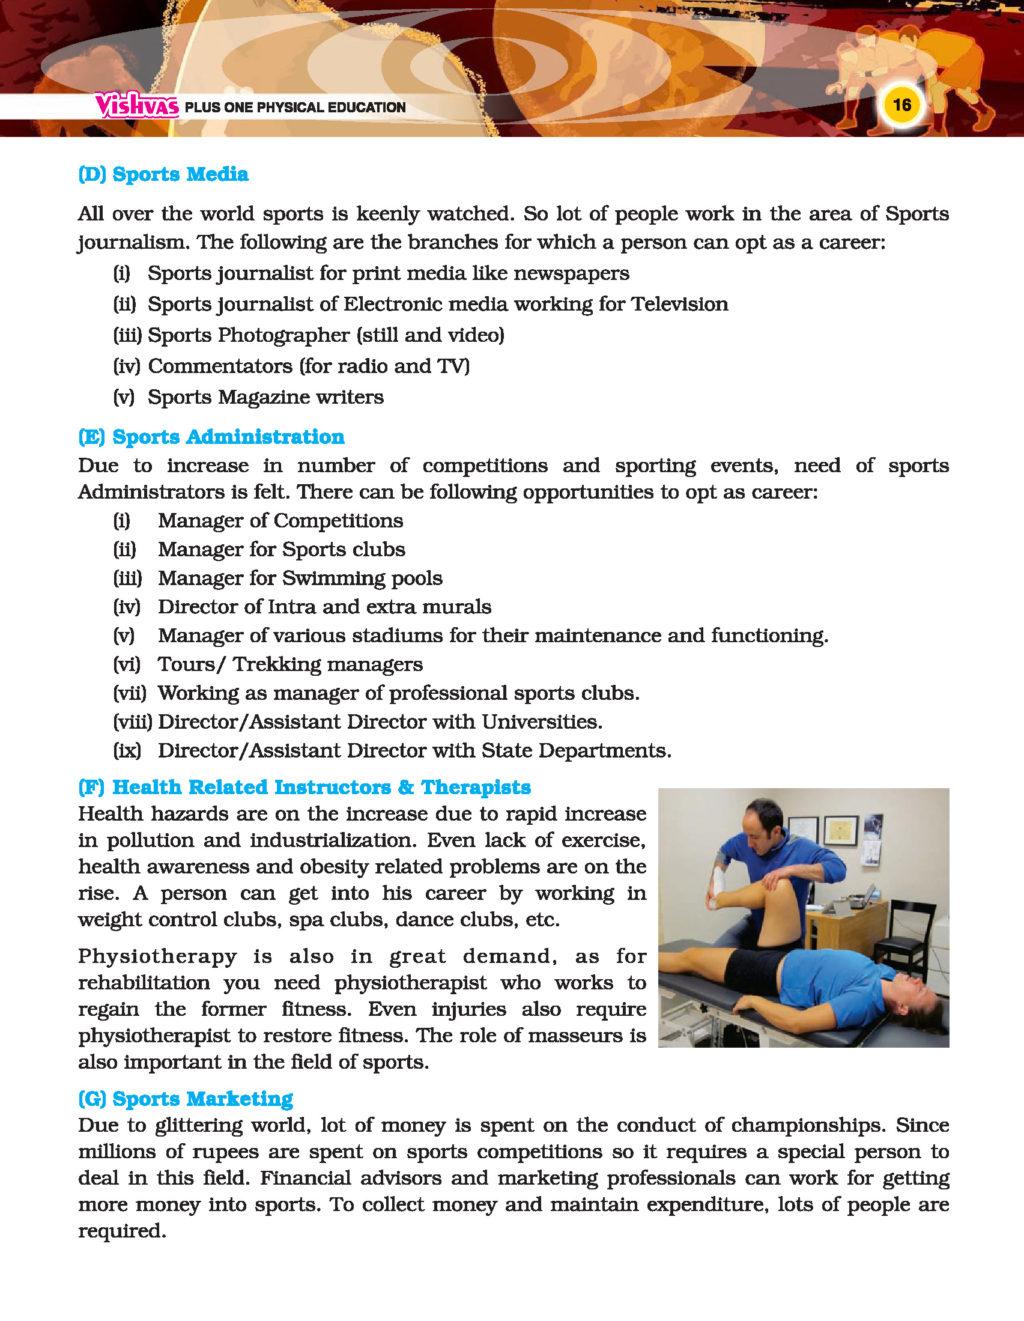 https://vishvasbook.com/wp-content/uploads/2016/09/Physical-Education_ebook_11_Page_26-1024x1321.jpg